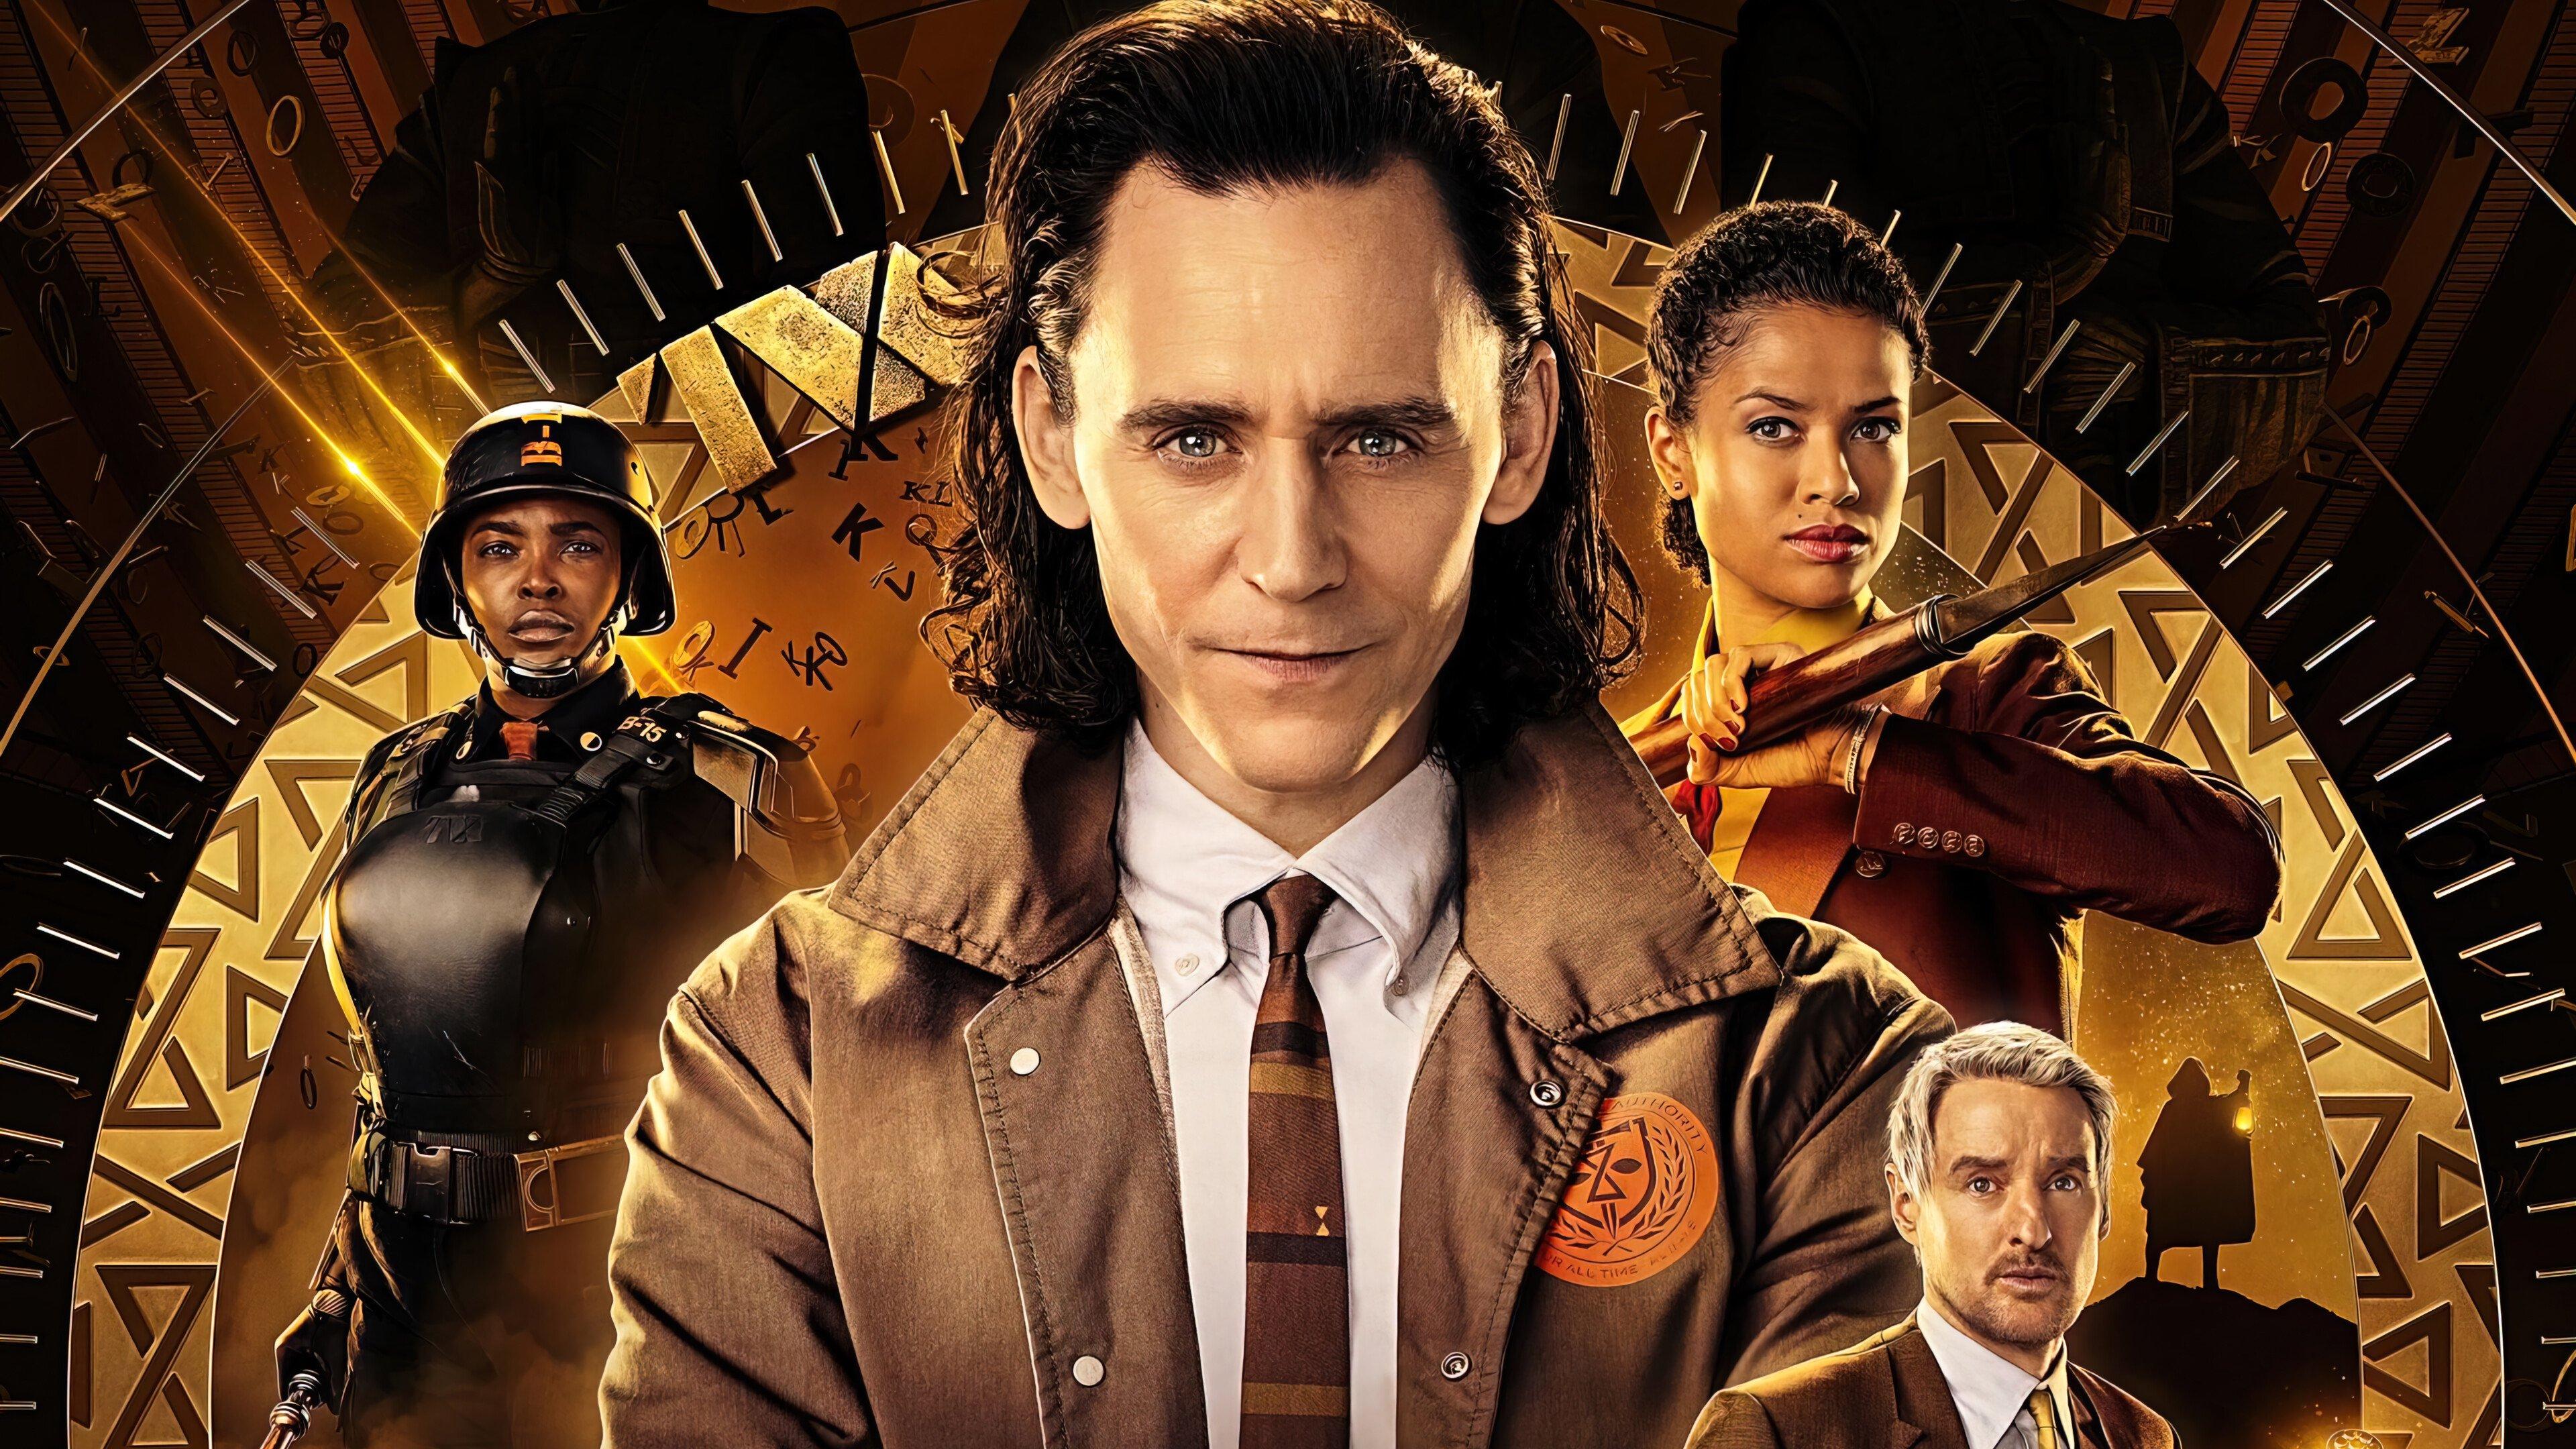 Wallpaper Loki series characters